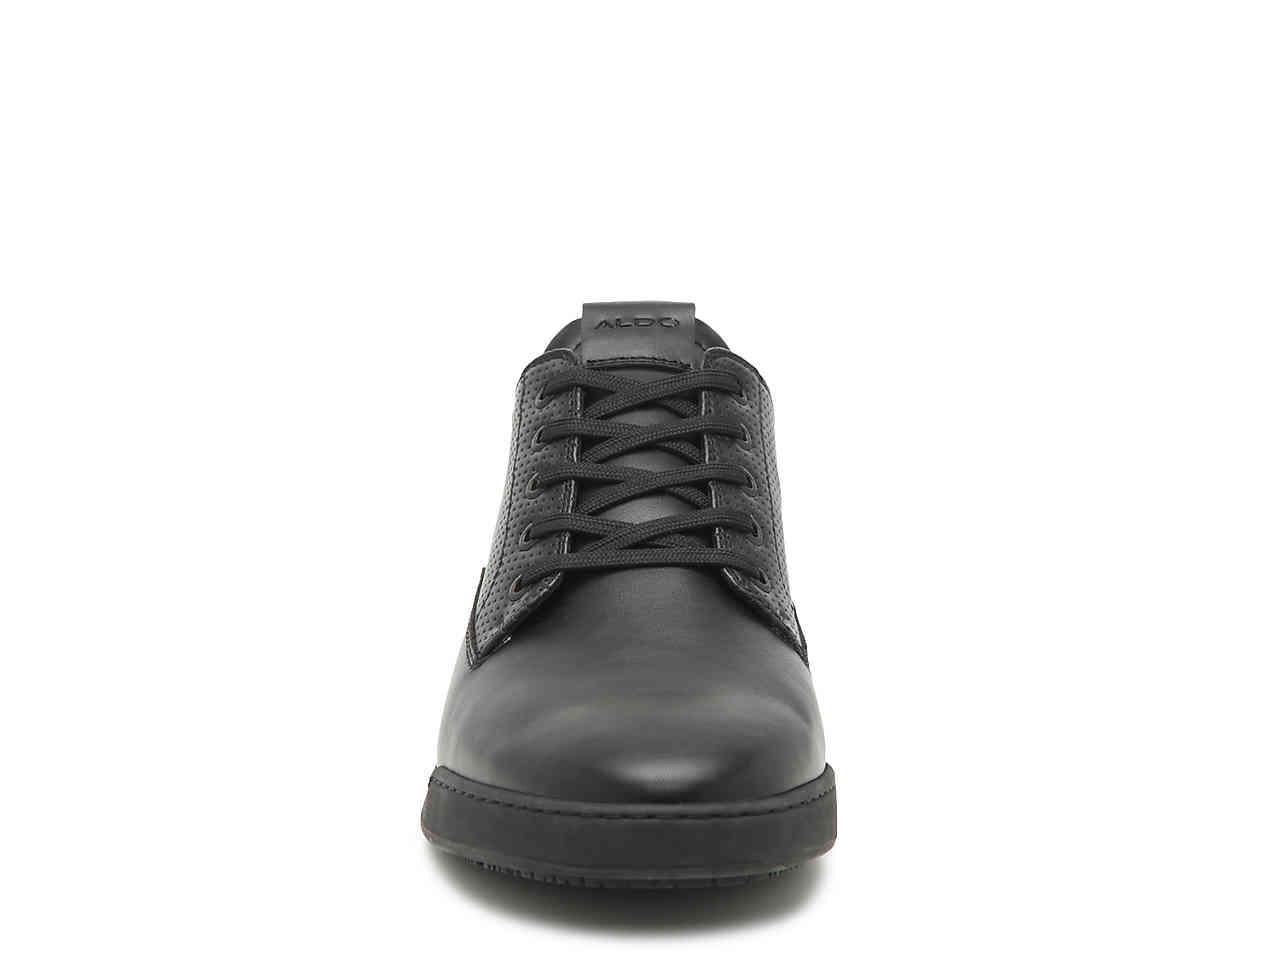 ALDO Aserrasien Work Shoe in Black for